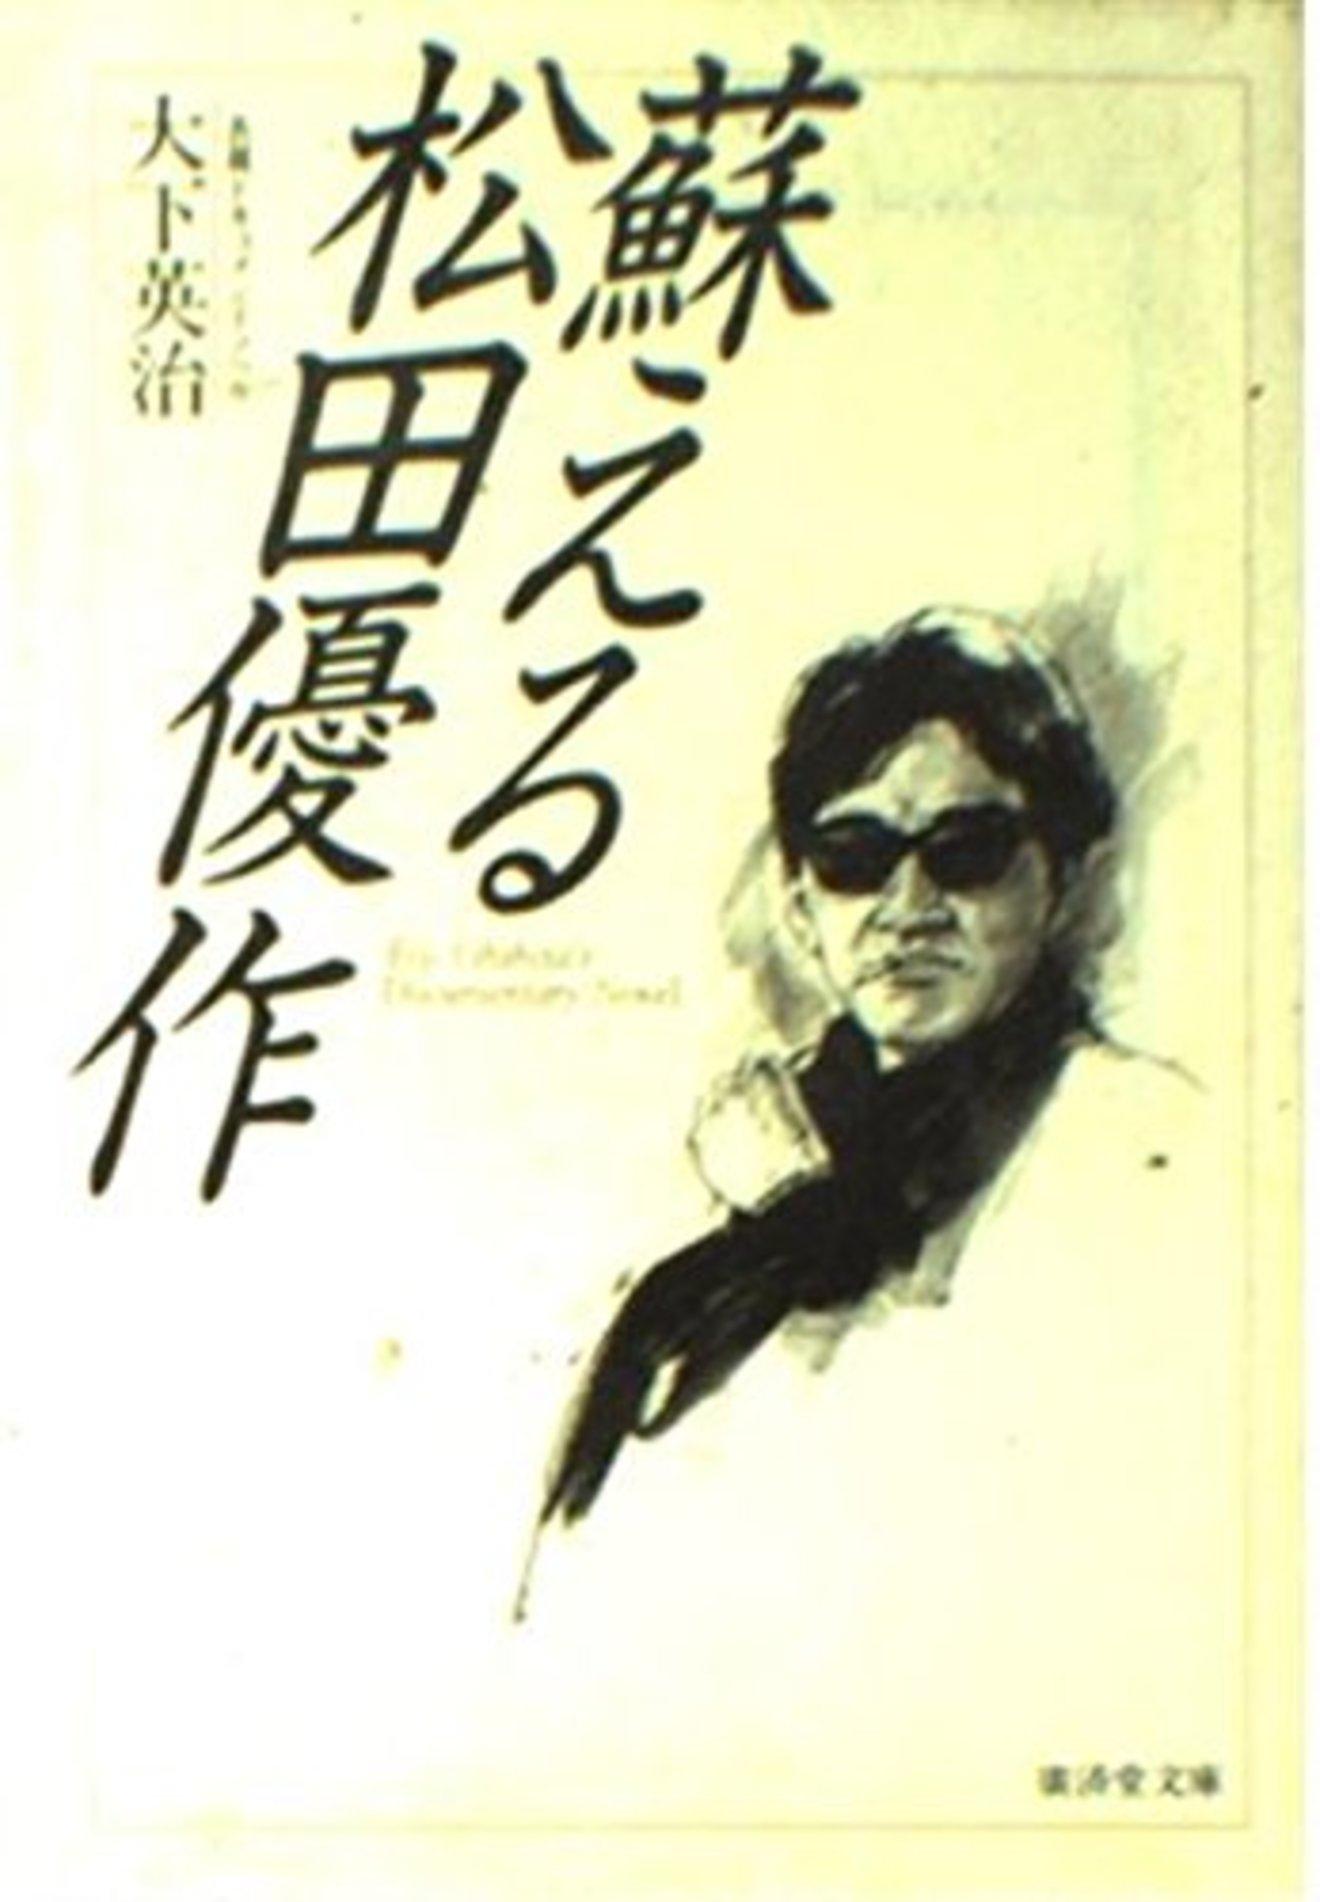 松田優作、昭和のスーパースターの本当の一面がわかるおすすめ5選